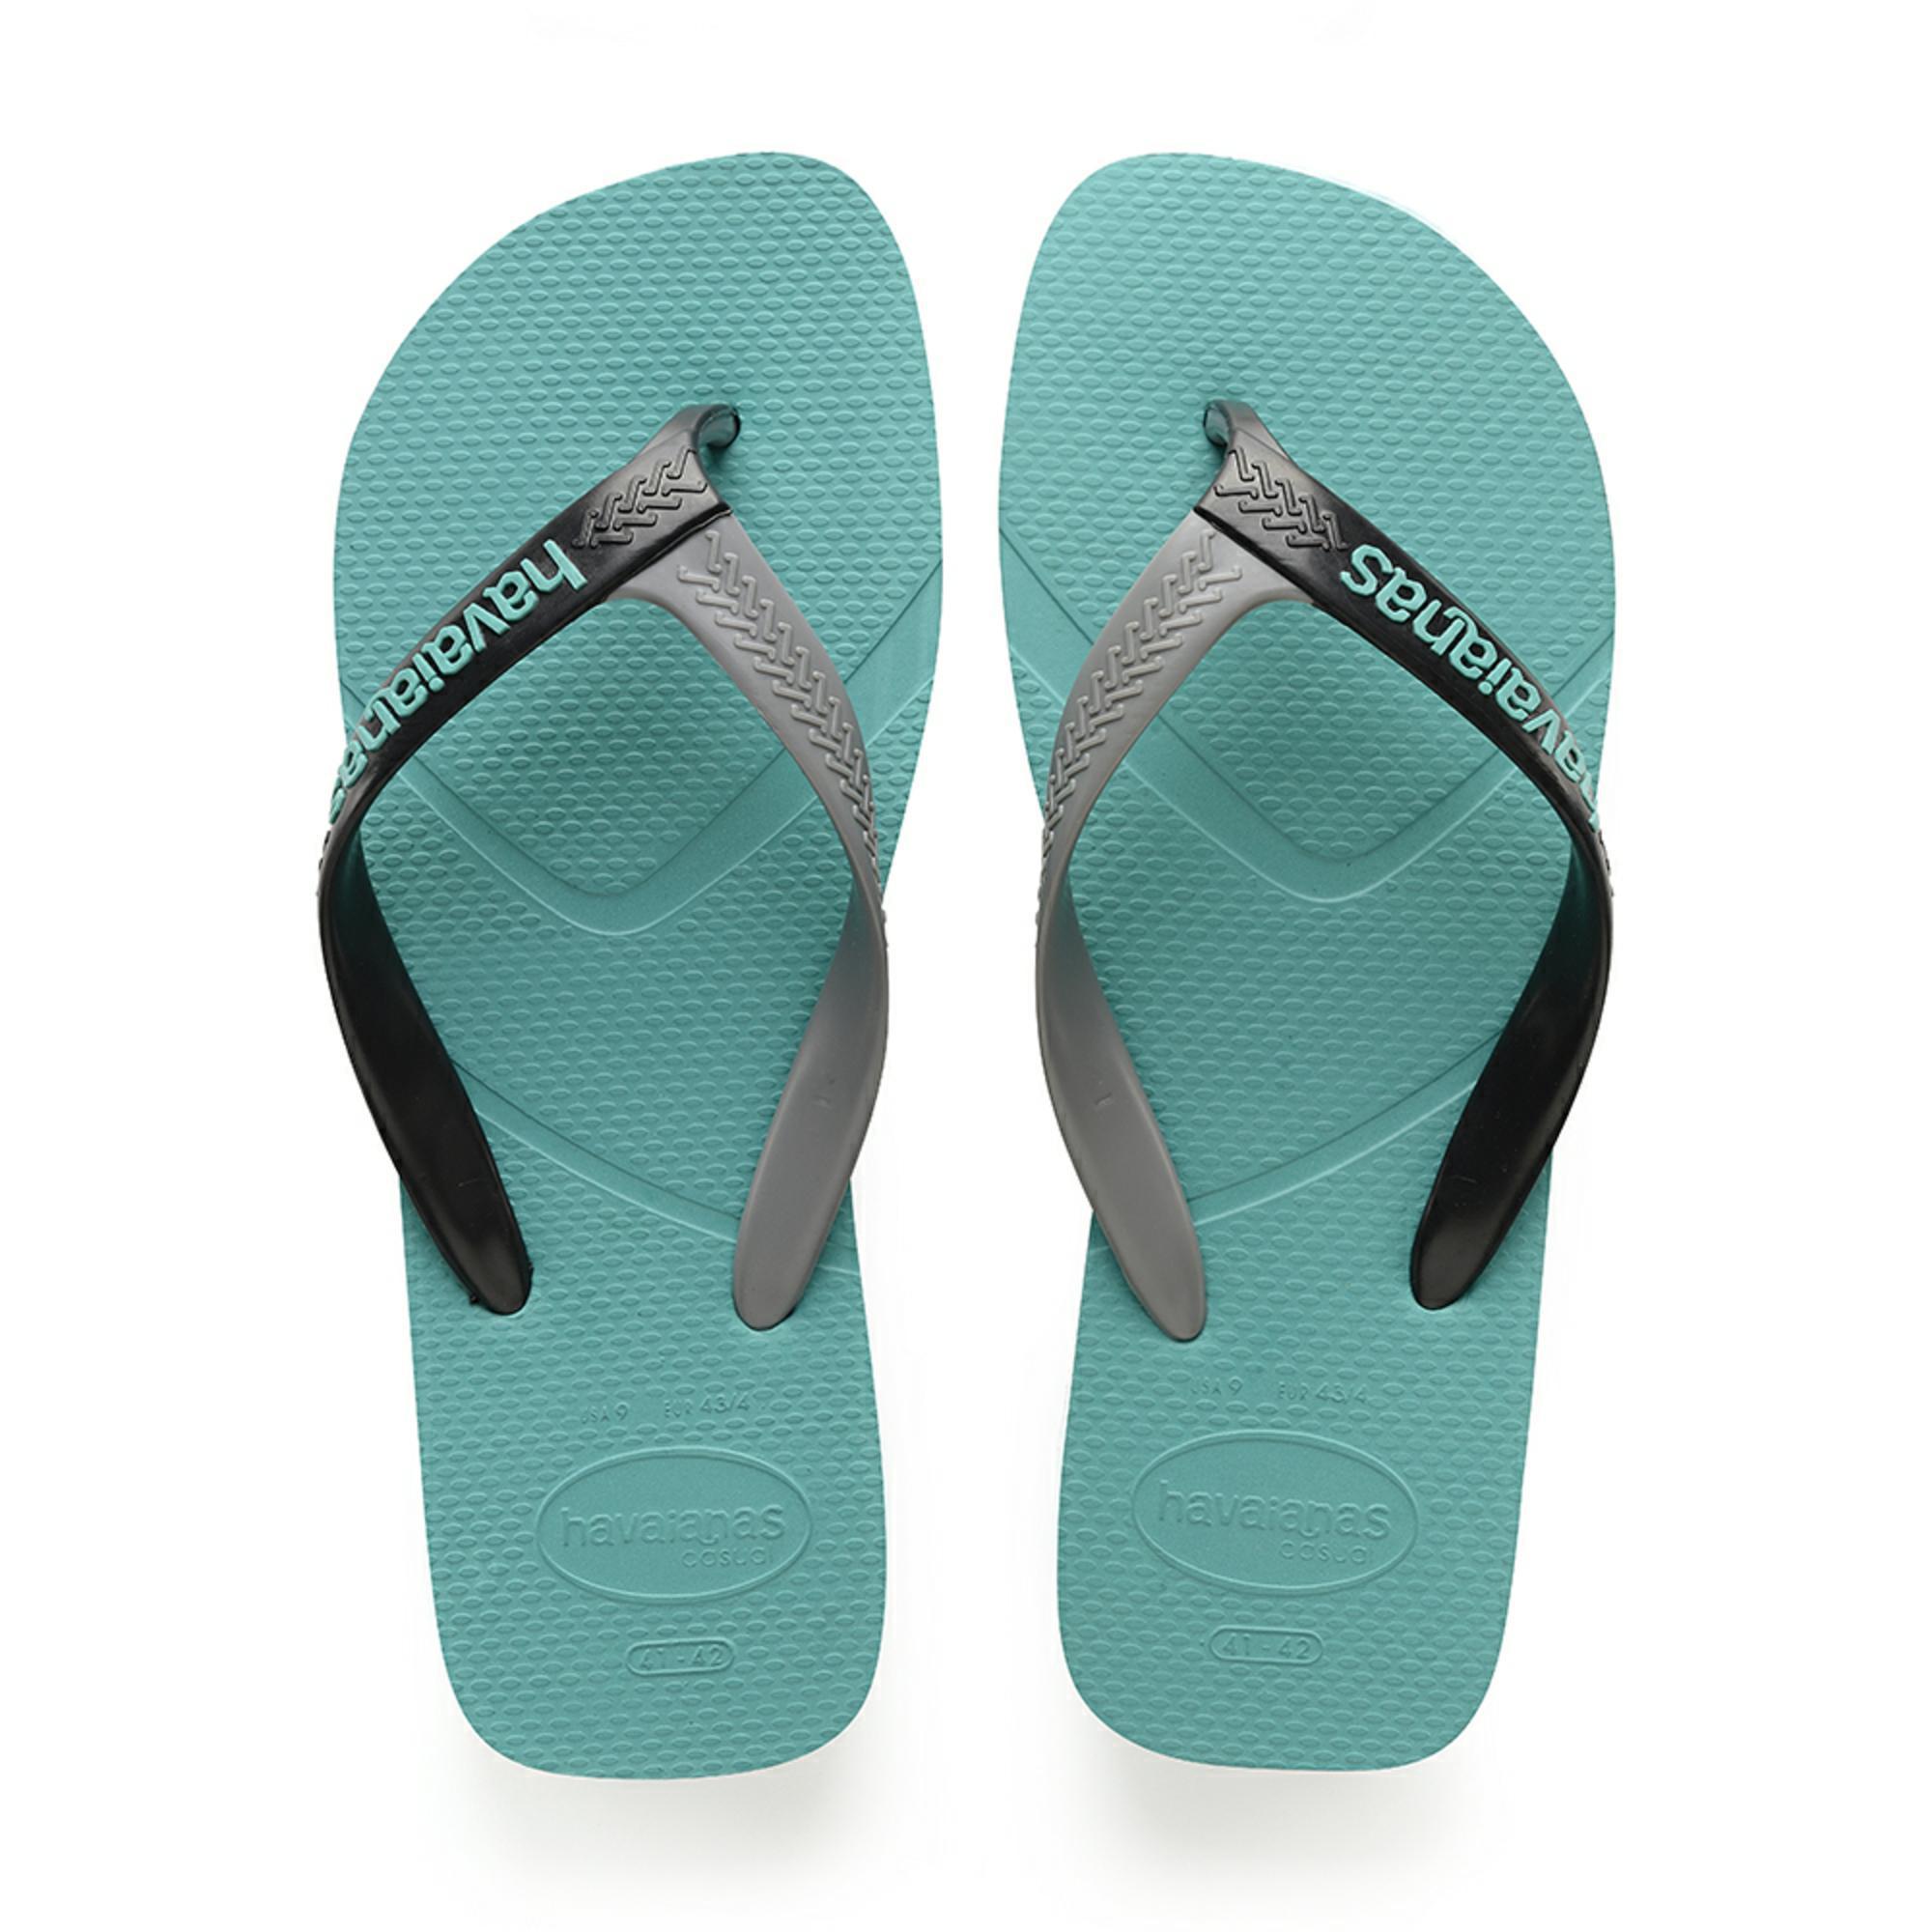 60da2afaa Comprar Chanclas y Sandalias de Playa para Hombre Online | Decathlon.